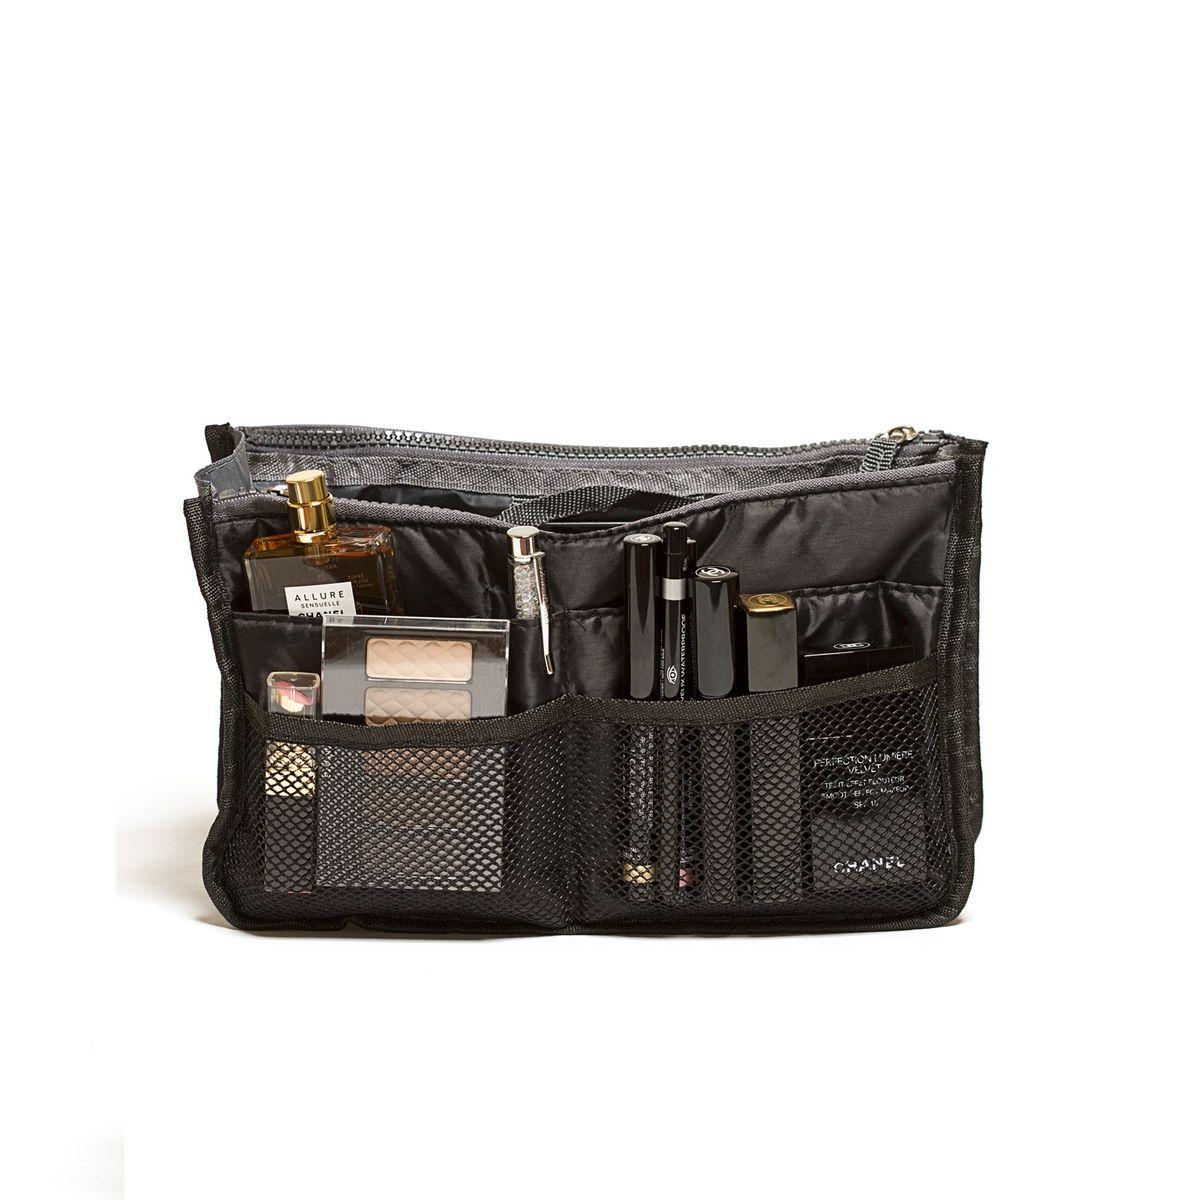 Органайзер для сумки Homsu, цвет: черный, 30 x 8,5 x 18,5 смHOM-140Этот органайзер для сумки благодаря трем вместительным отделениям для вещей, четырем кармашкам по бокам и шести кармашкам в виде сетки обеспечит полный порядок в вашей сумке. Кроме того, изделие обладает интересным стилем, выполнено в черном цвете и оснащёно двумя крепкими ручками, что позволяет применять его и вне сумки, как отдельный аксессуар. Фактический цвет может отличаться от заявленного.